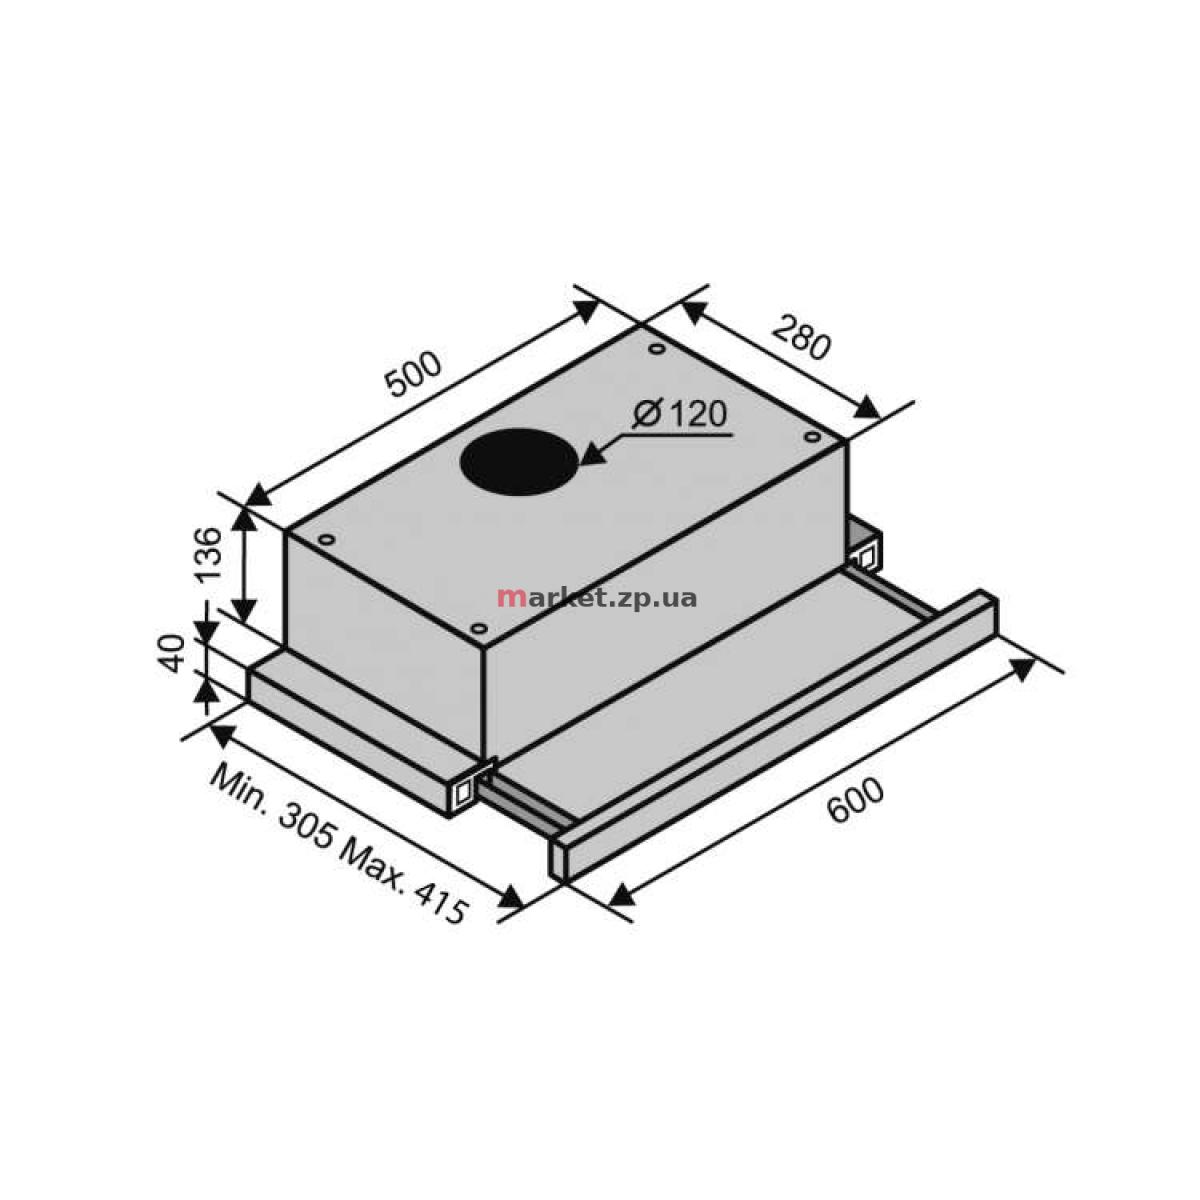 Вытяжка VENTOLUX  GARDA 60 WH (650) 1M